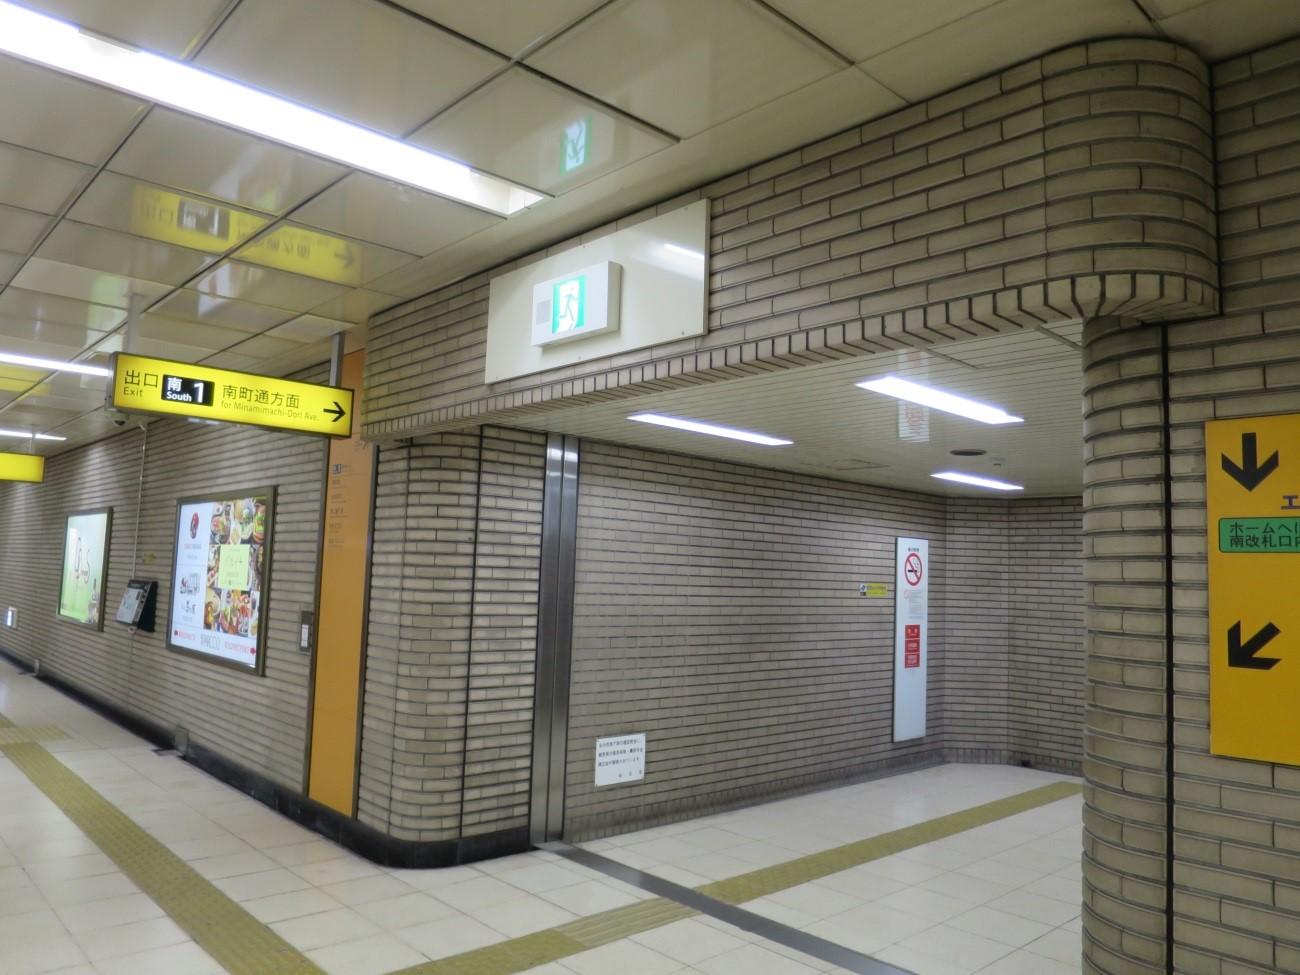 改札右手に南町通り方面南1出口があります。